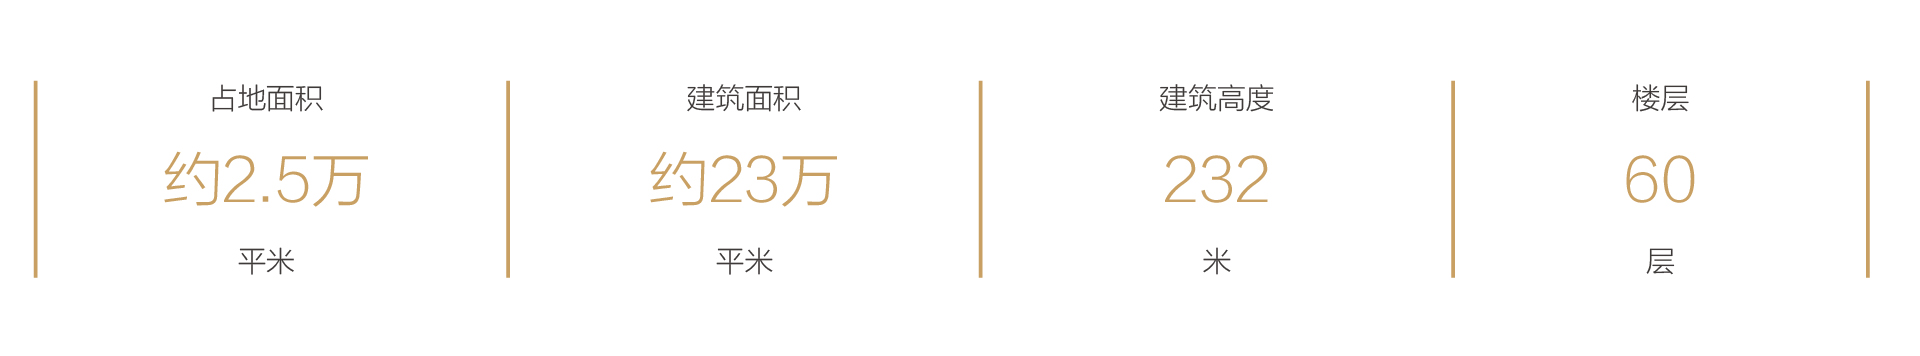 缤润汇长图20170711-28.jpg